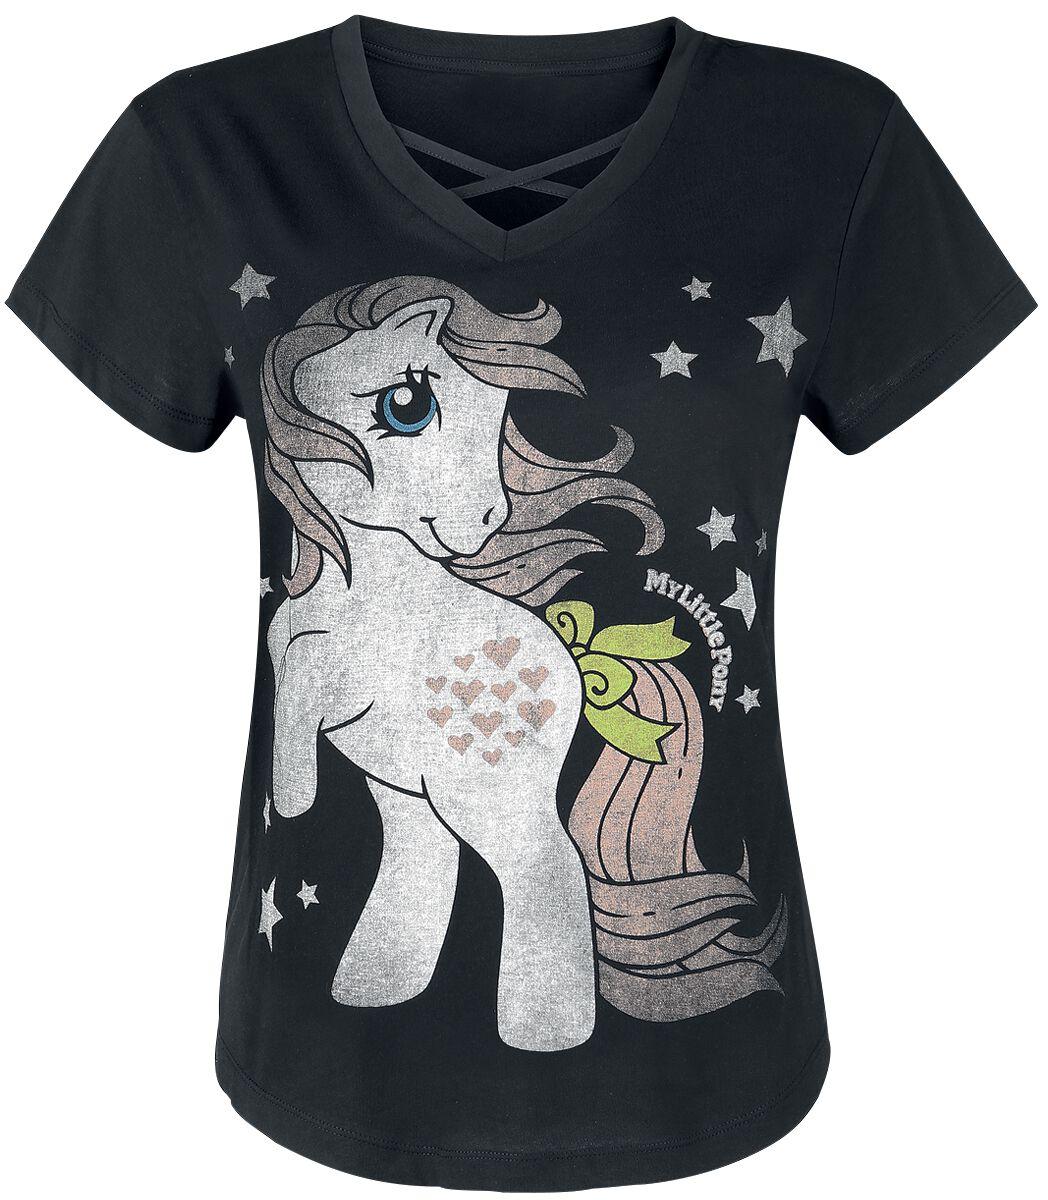 My Little Pony Stars Girl-Shirt schwarz